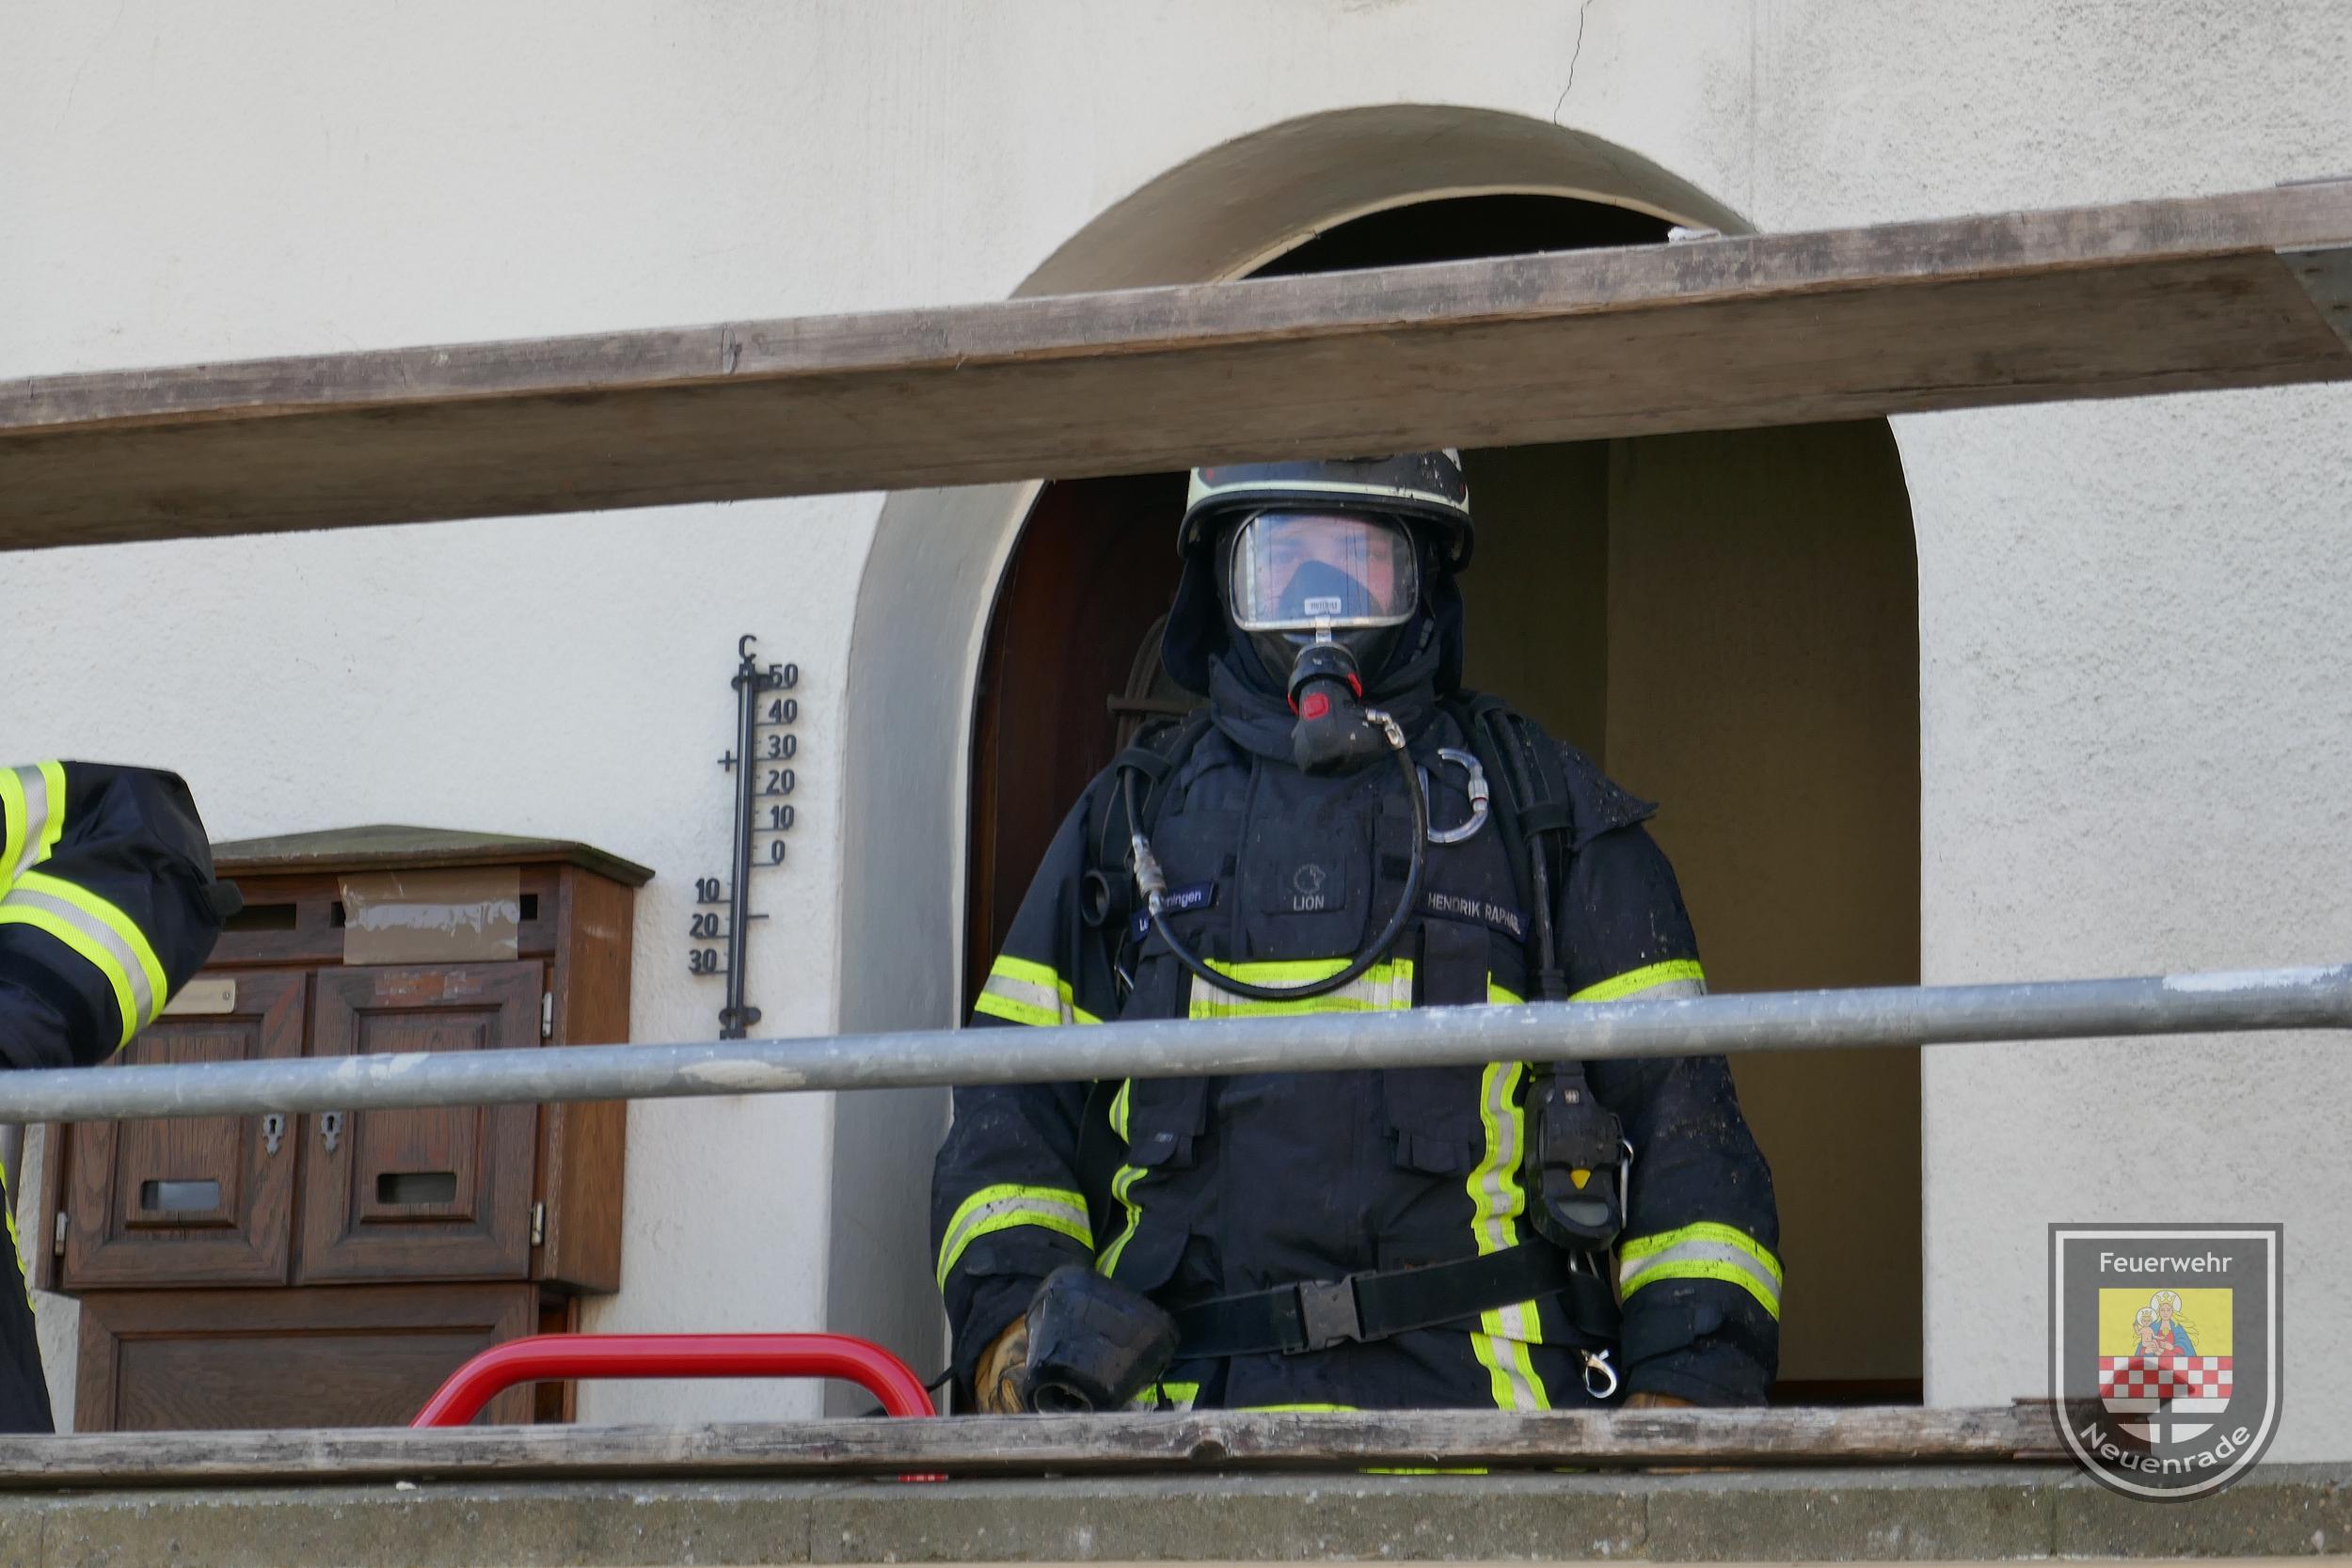 Einsatz Brandschutz